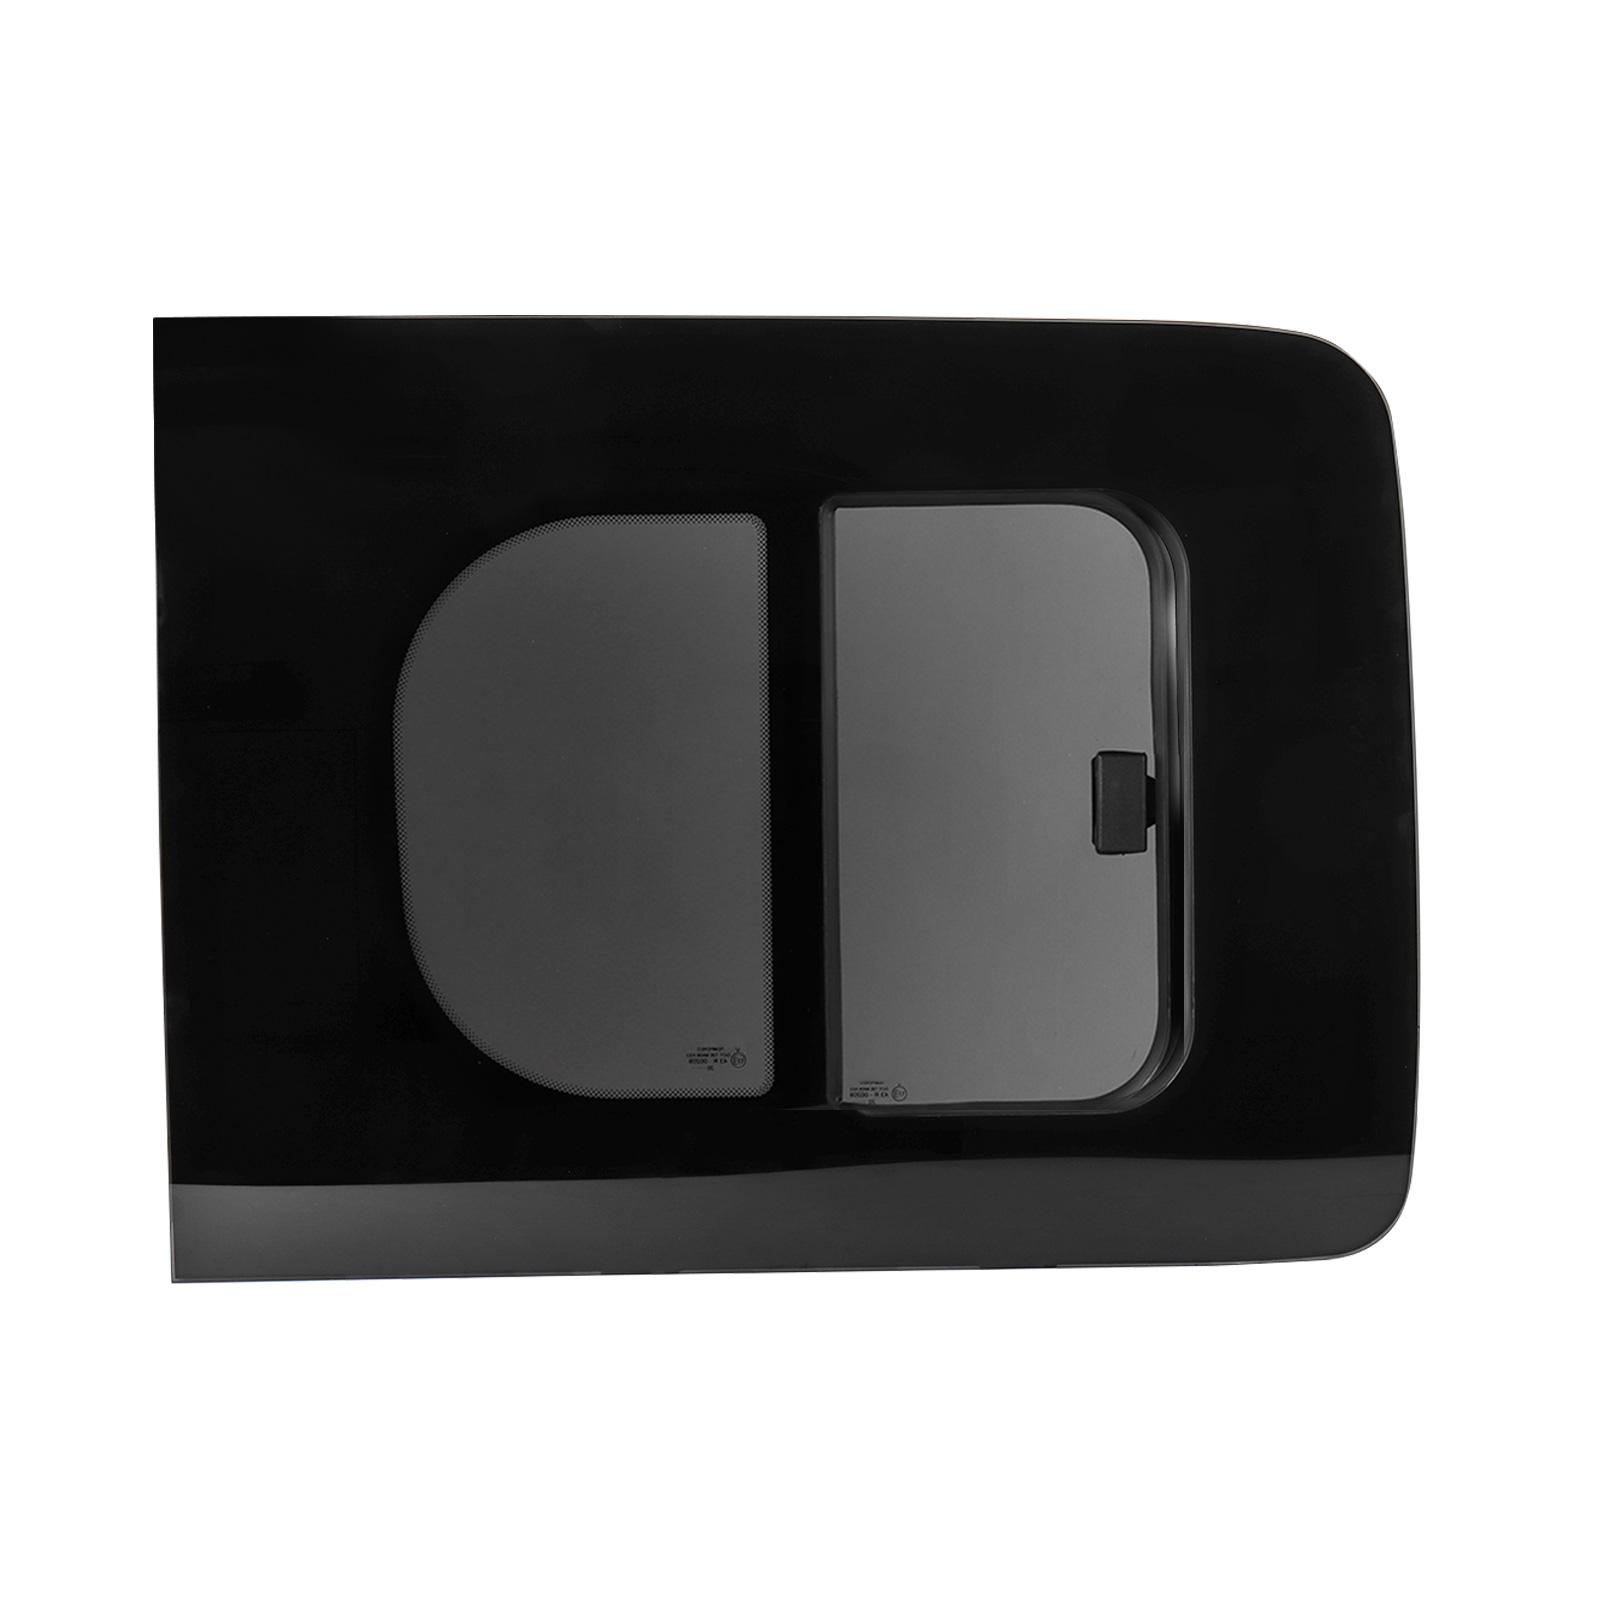 Schiebefenster rechts Glasfenster für Caddy ab Bj 08 Echtglas ca. 70,4 x 54,5 cm